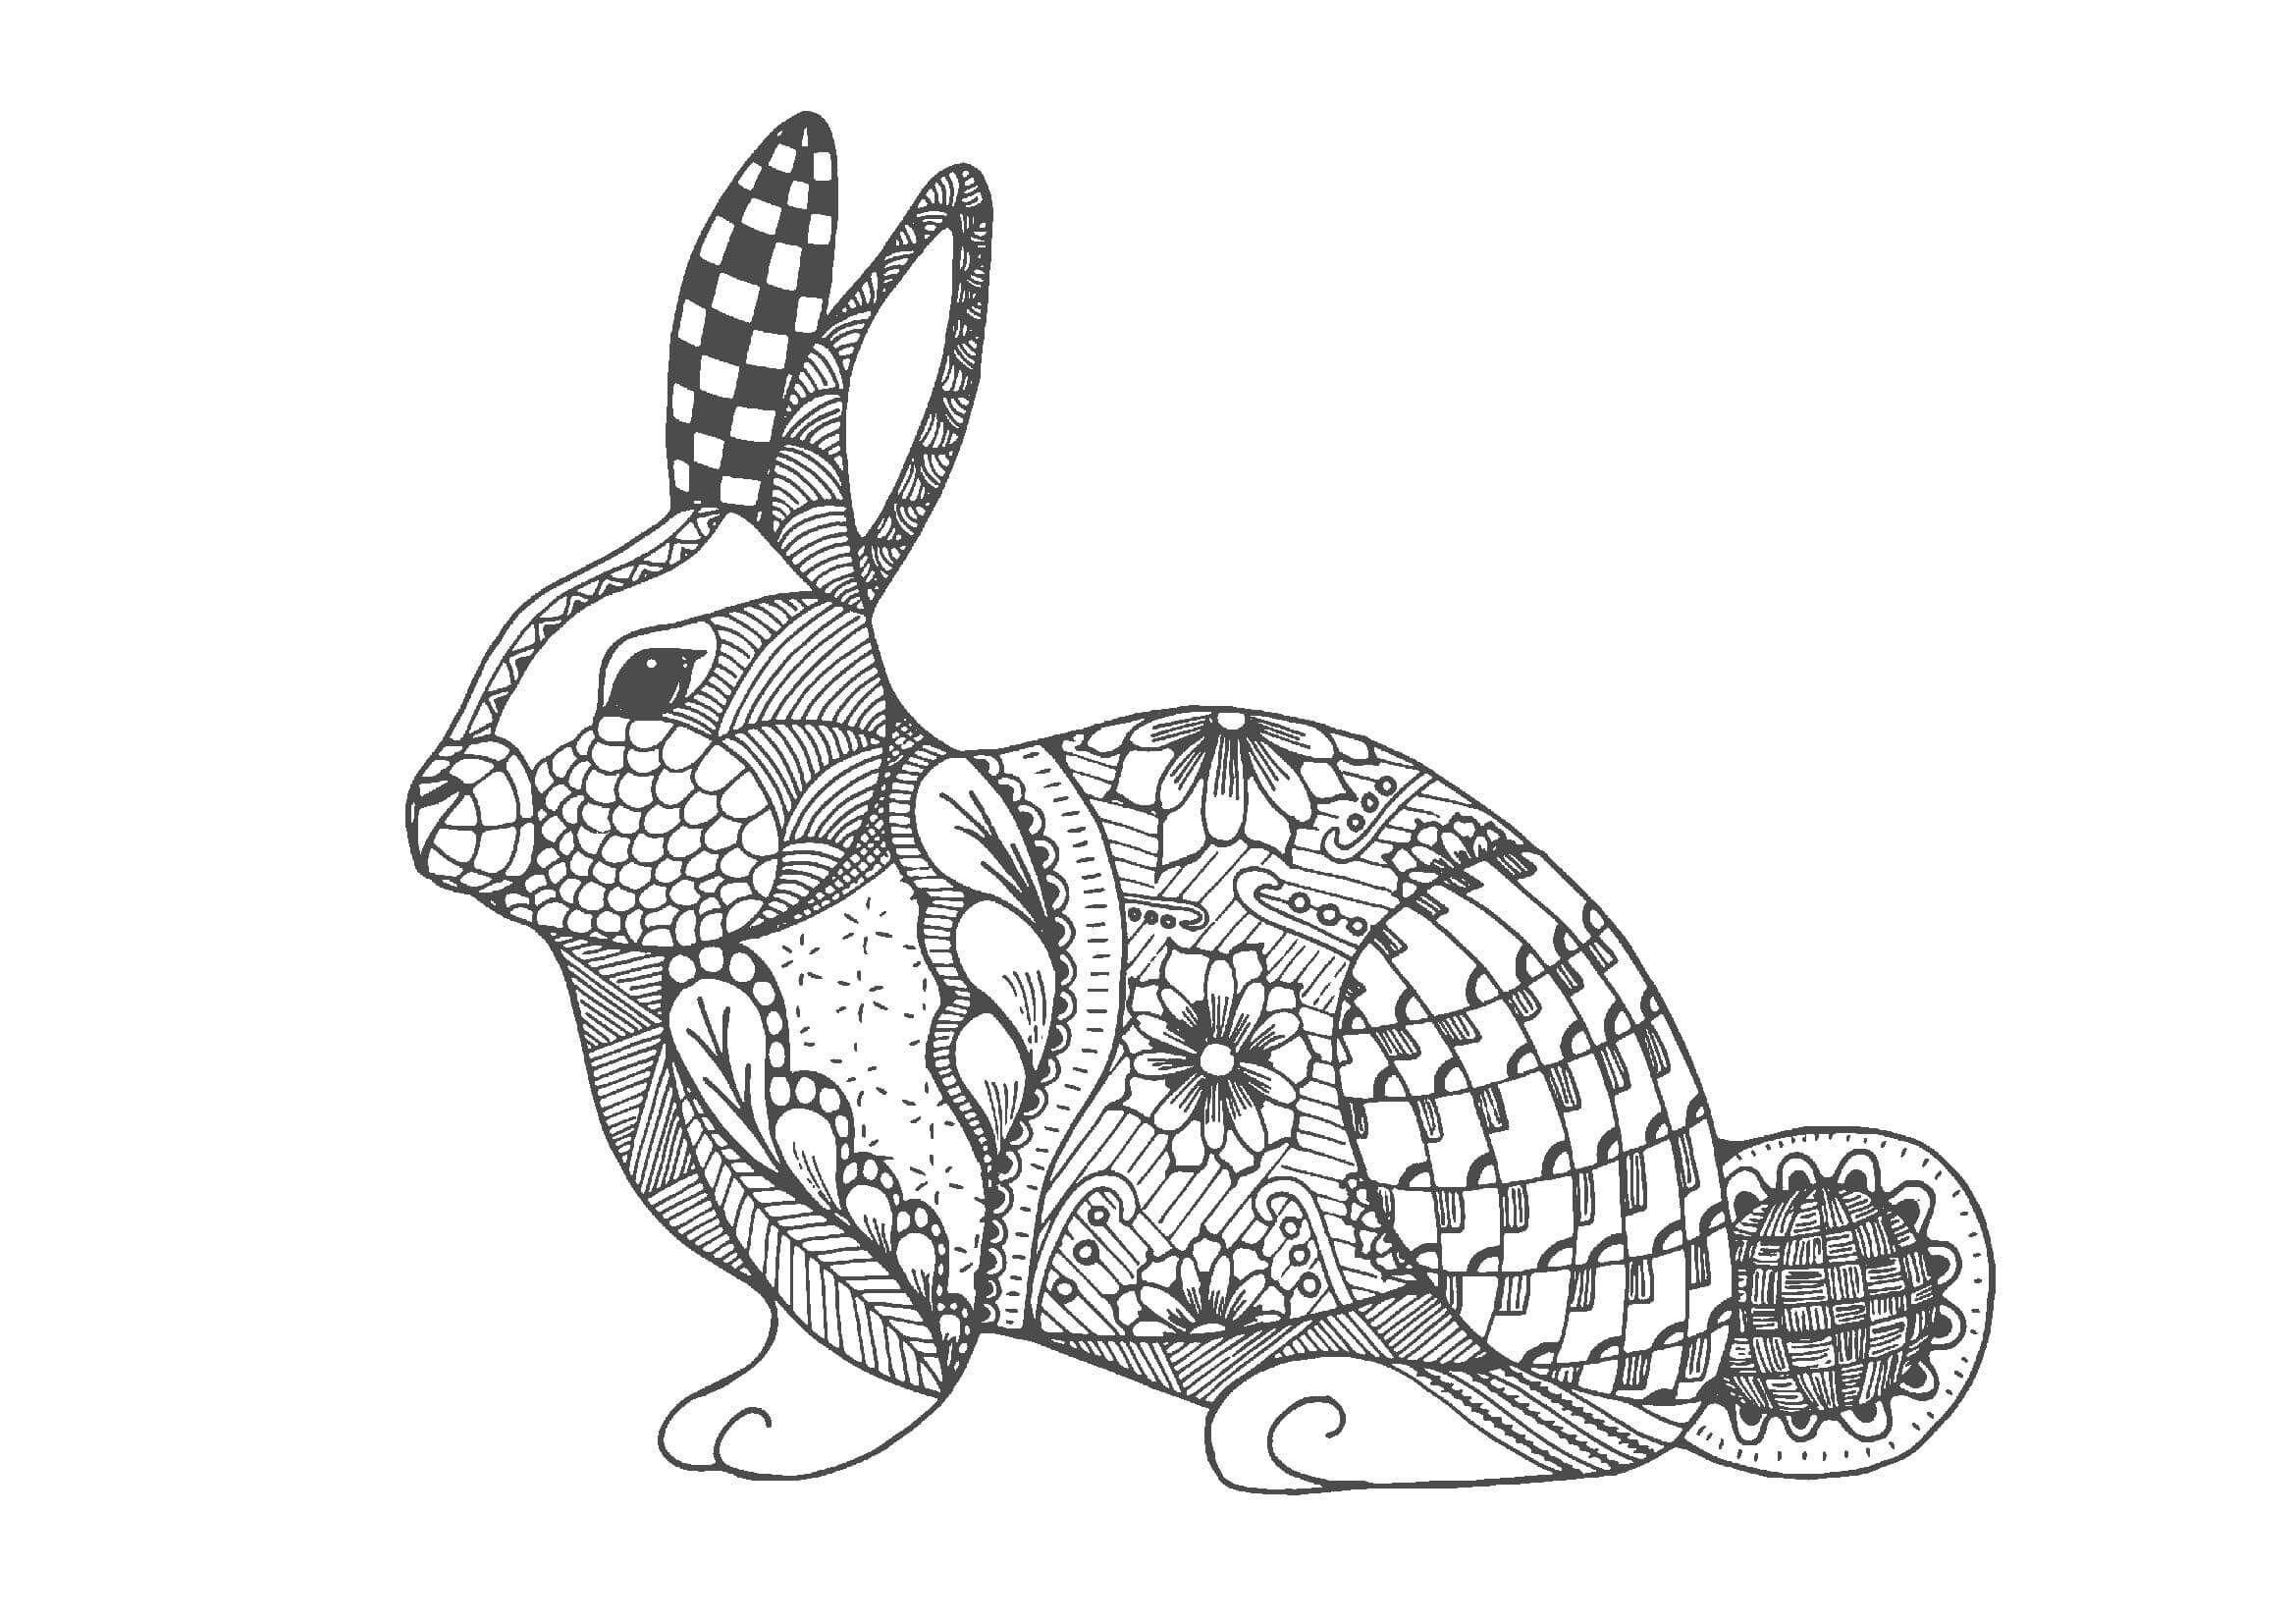 ウサギ01 A4無料印刷の大人のぬりえ 切り絵 Abstract Coloring Pages